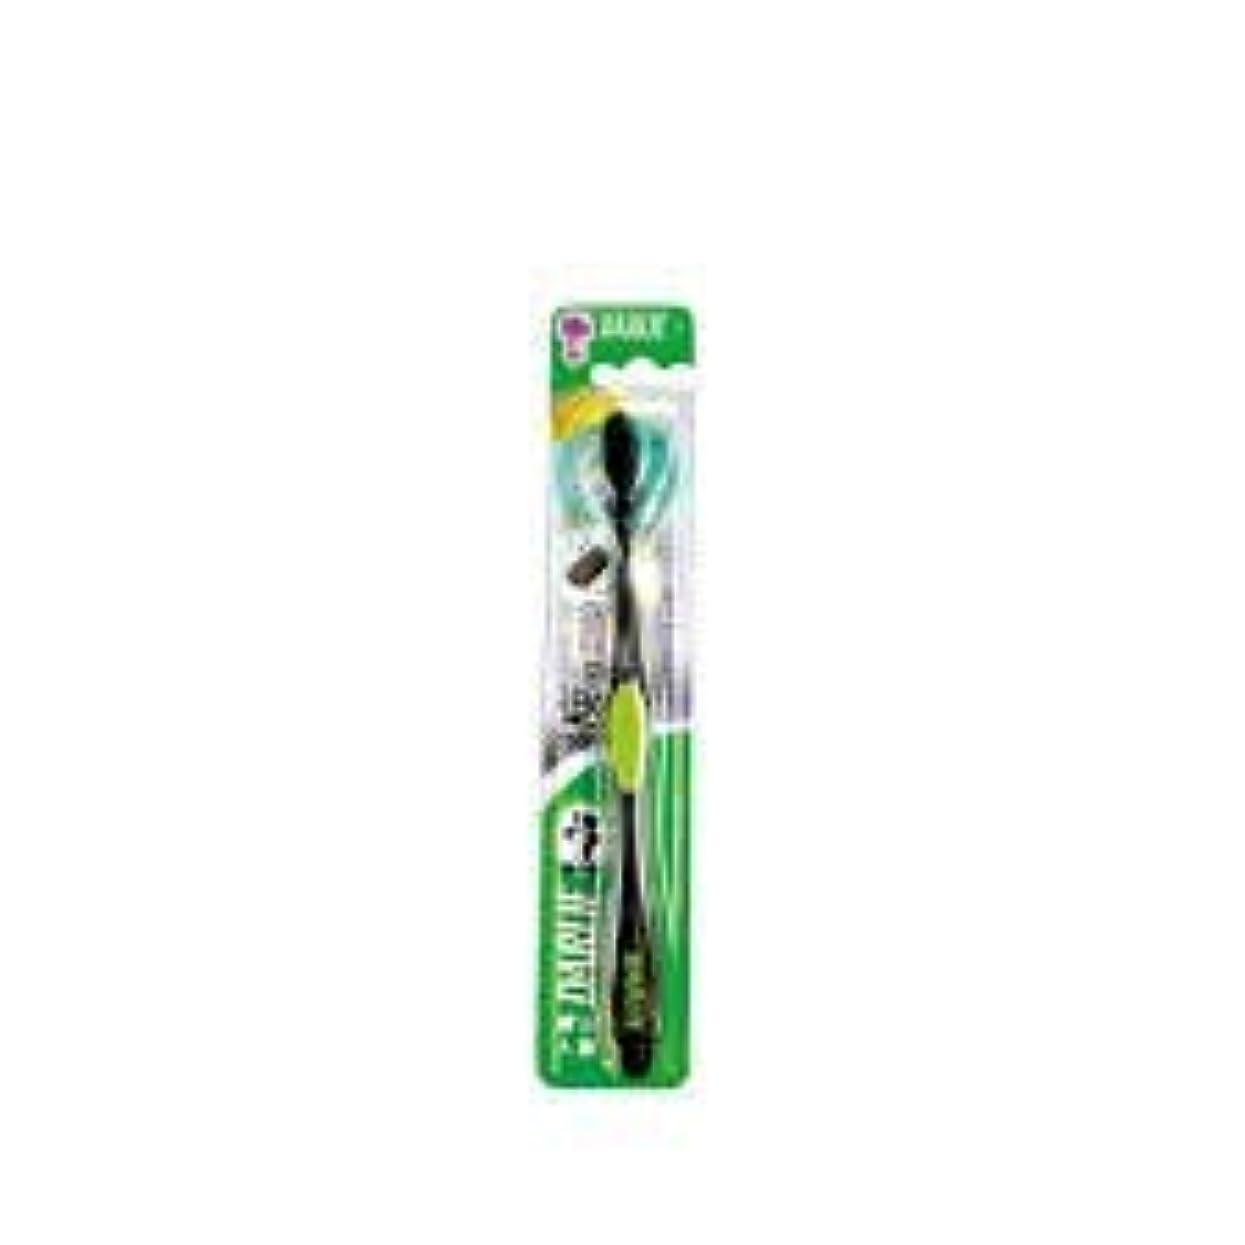 リスナープーノアルカイックDARLIE チャコールブラック歯磨き粉歯ブラシのクリーニングはテーパ1S-口臭を防止するために、活性炭粒子で強化毛。